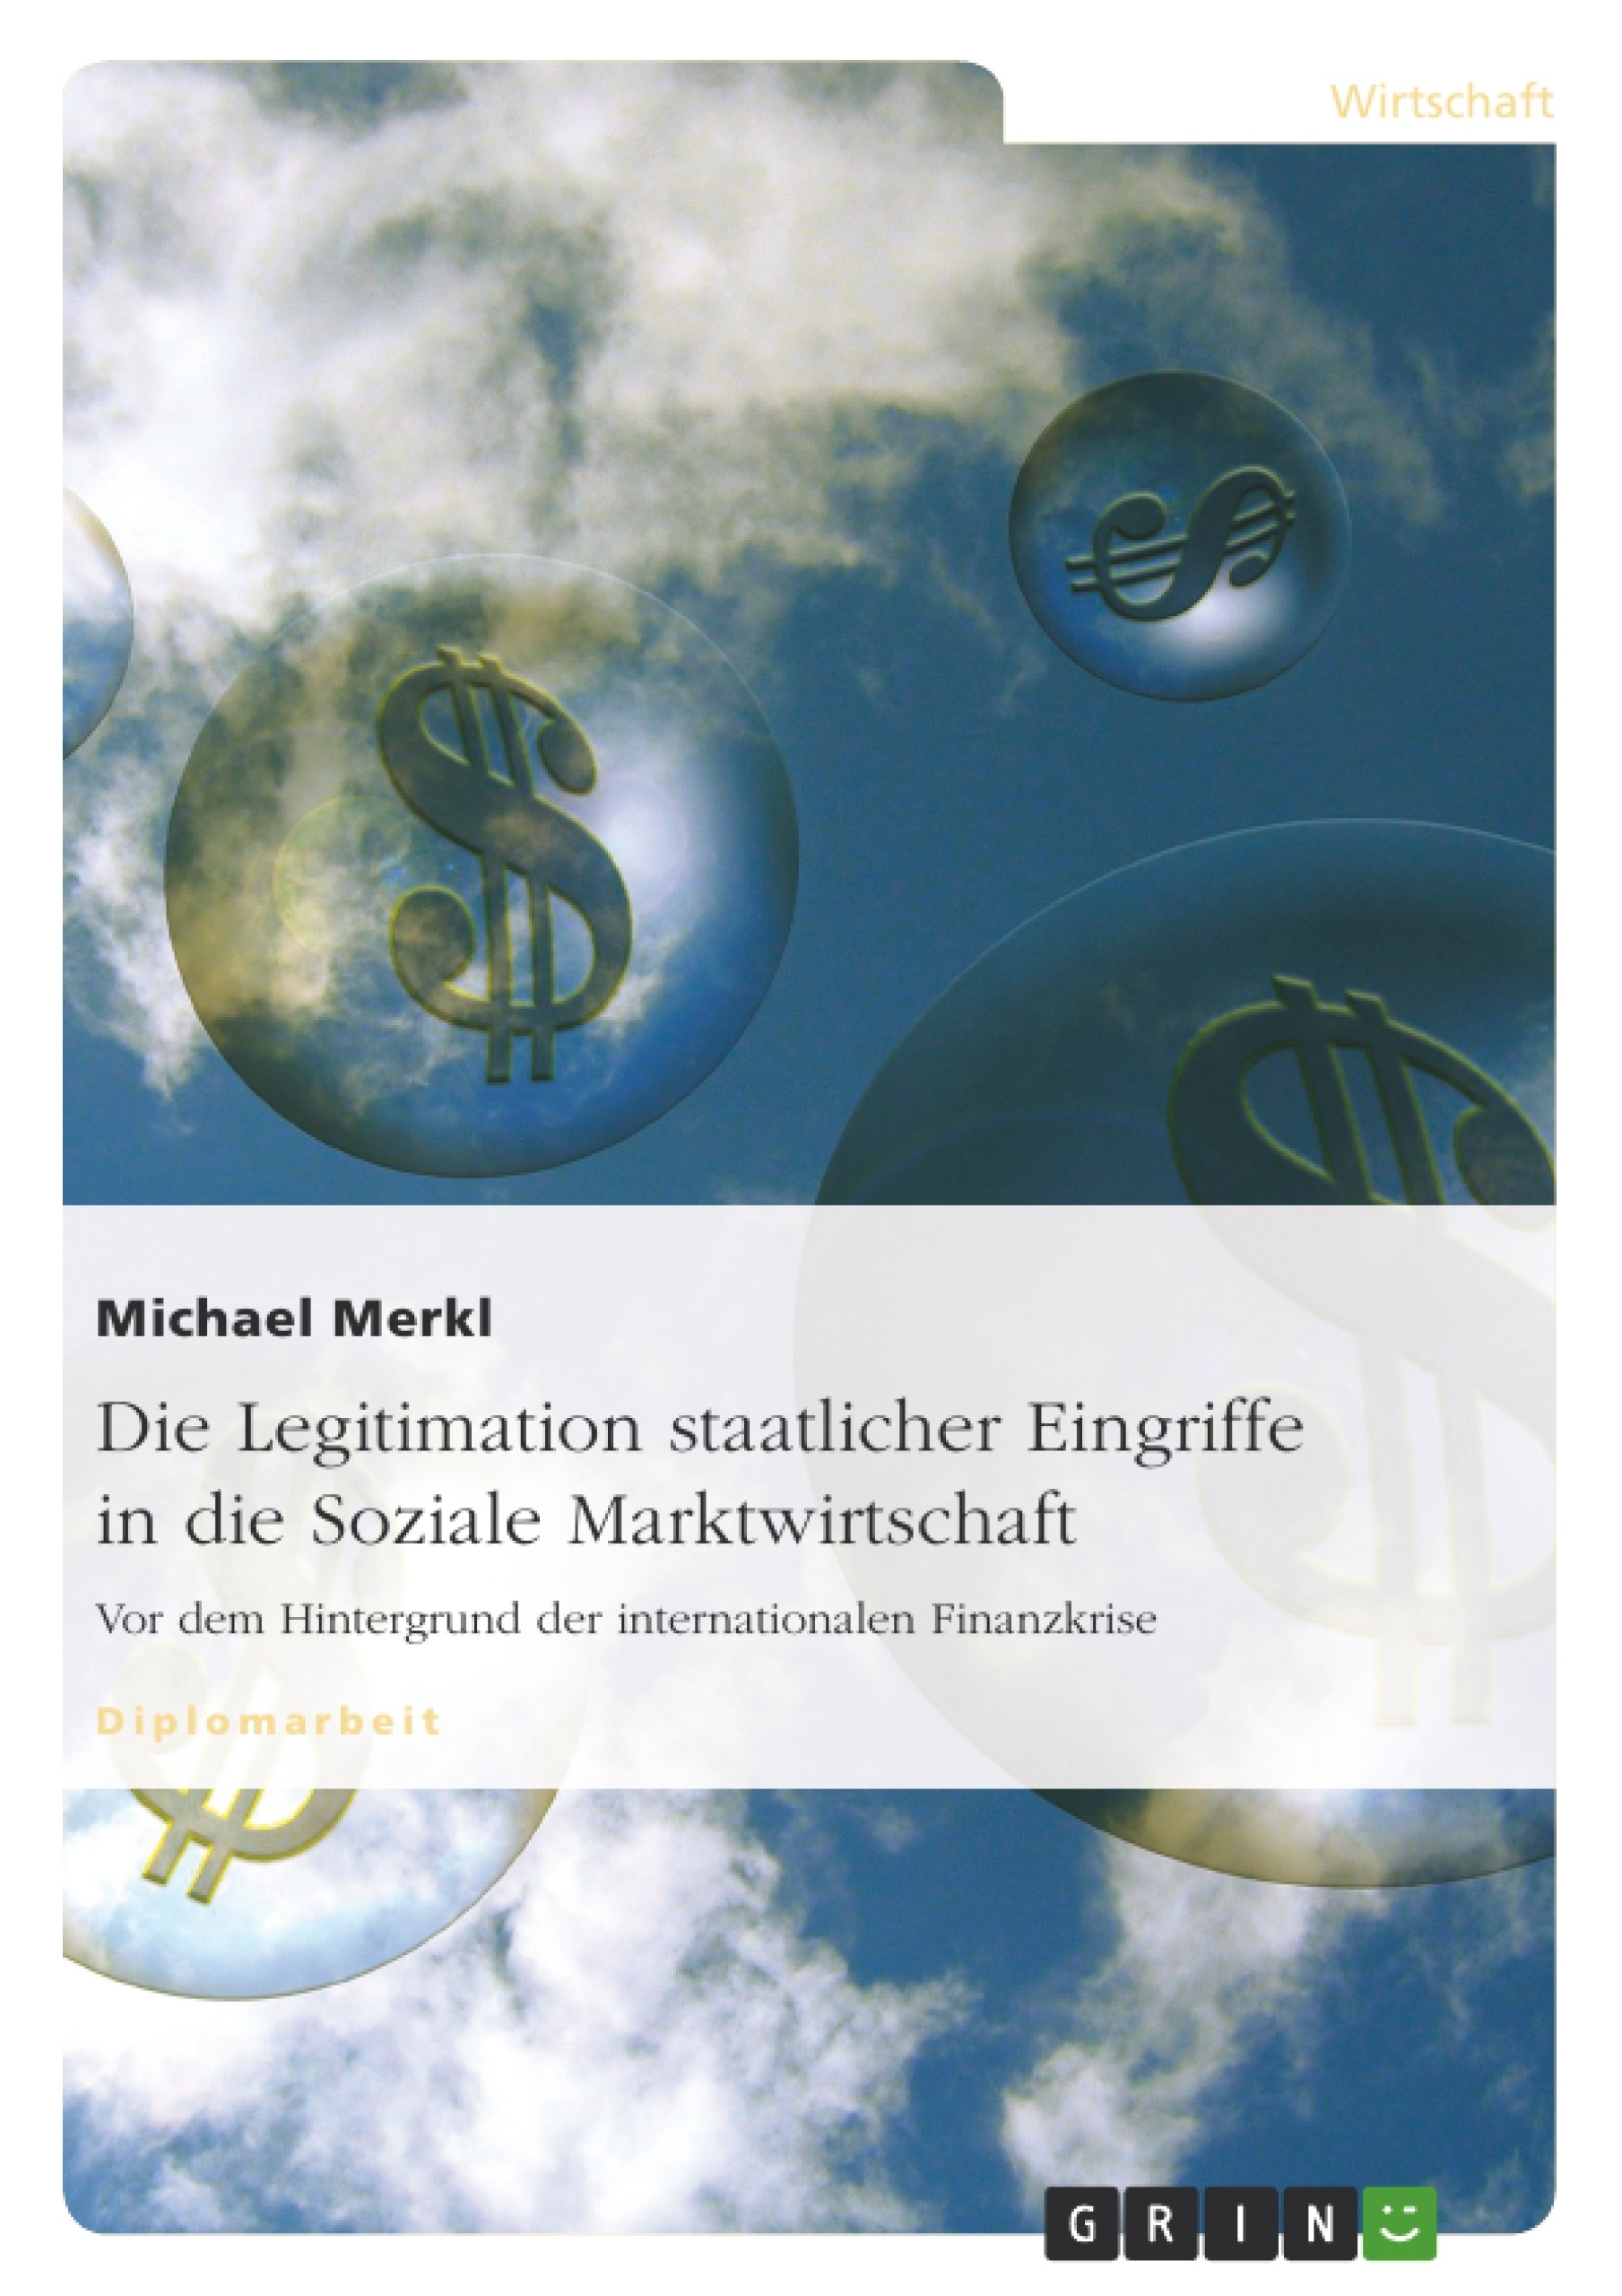 Titel: Die Legitimation staatlicher Eingriffe in die Soziale Marktwirtschaft